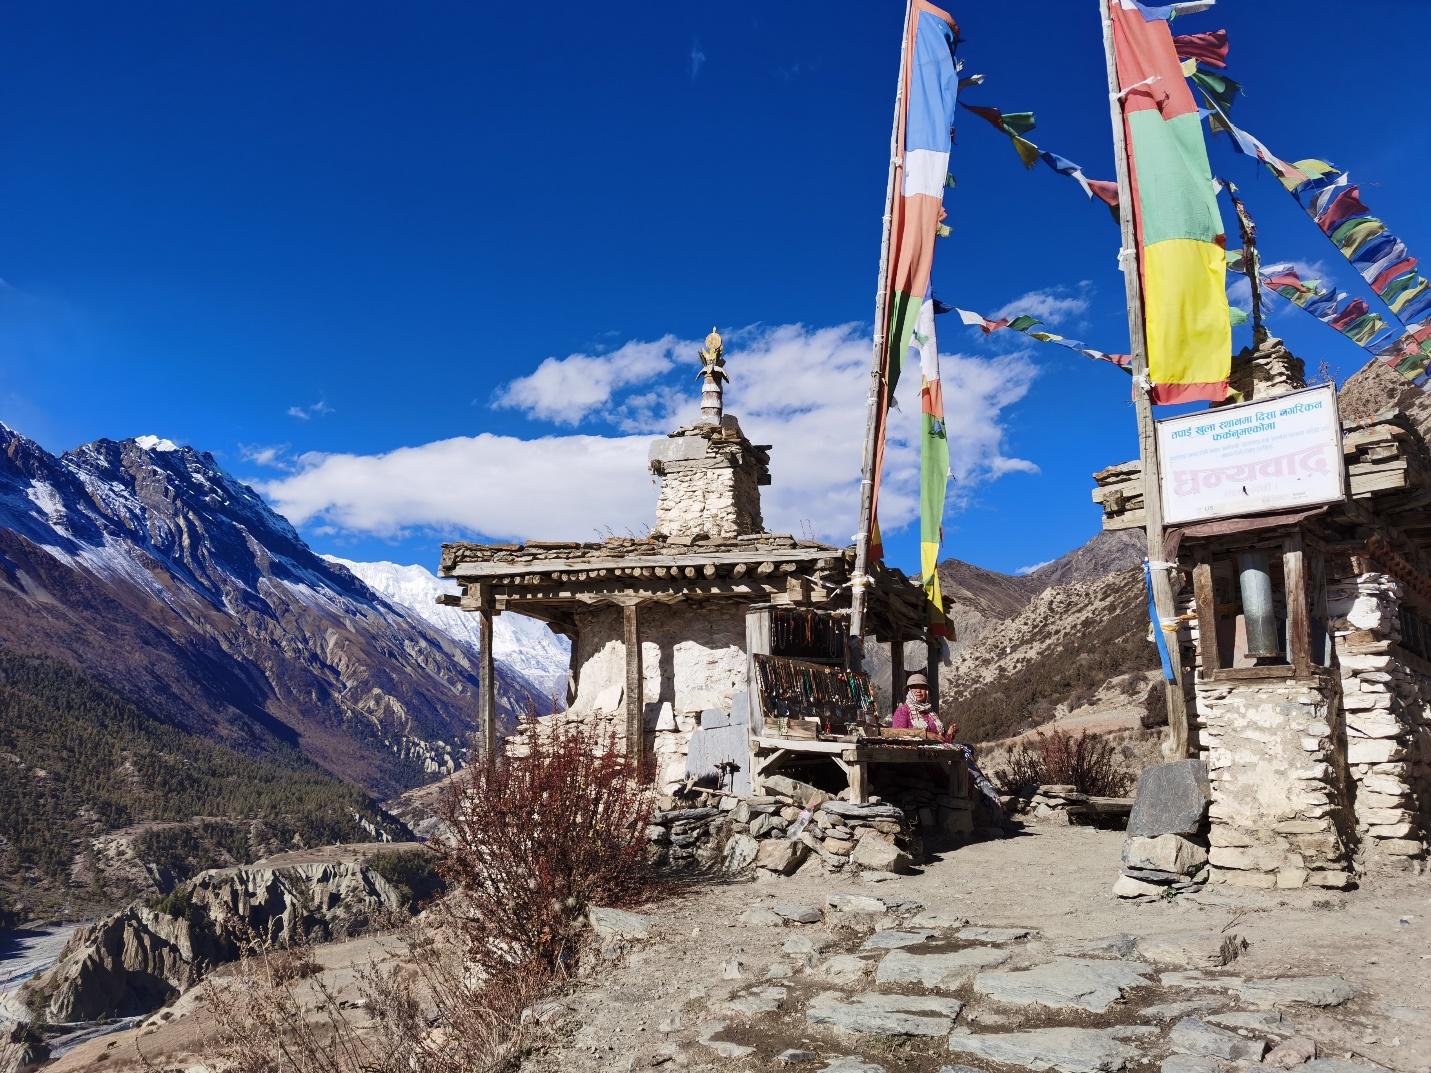 Tới Nepal, gửi lời nguyện cầu theo những lá cờ Lungta bay phấp phới - 5